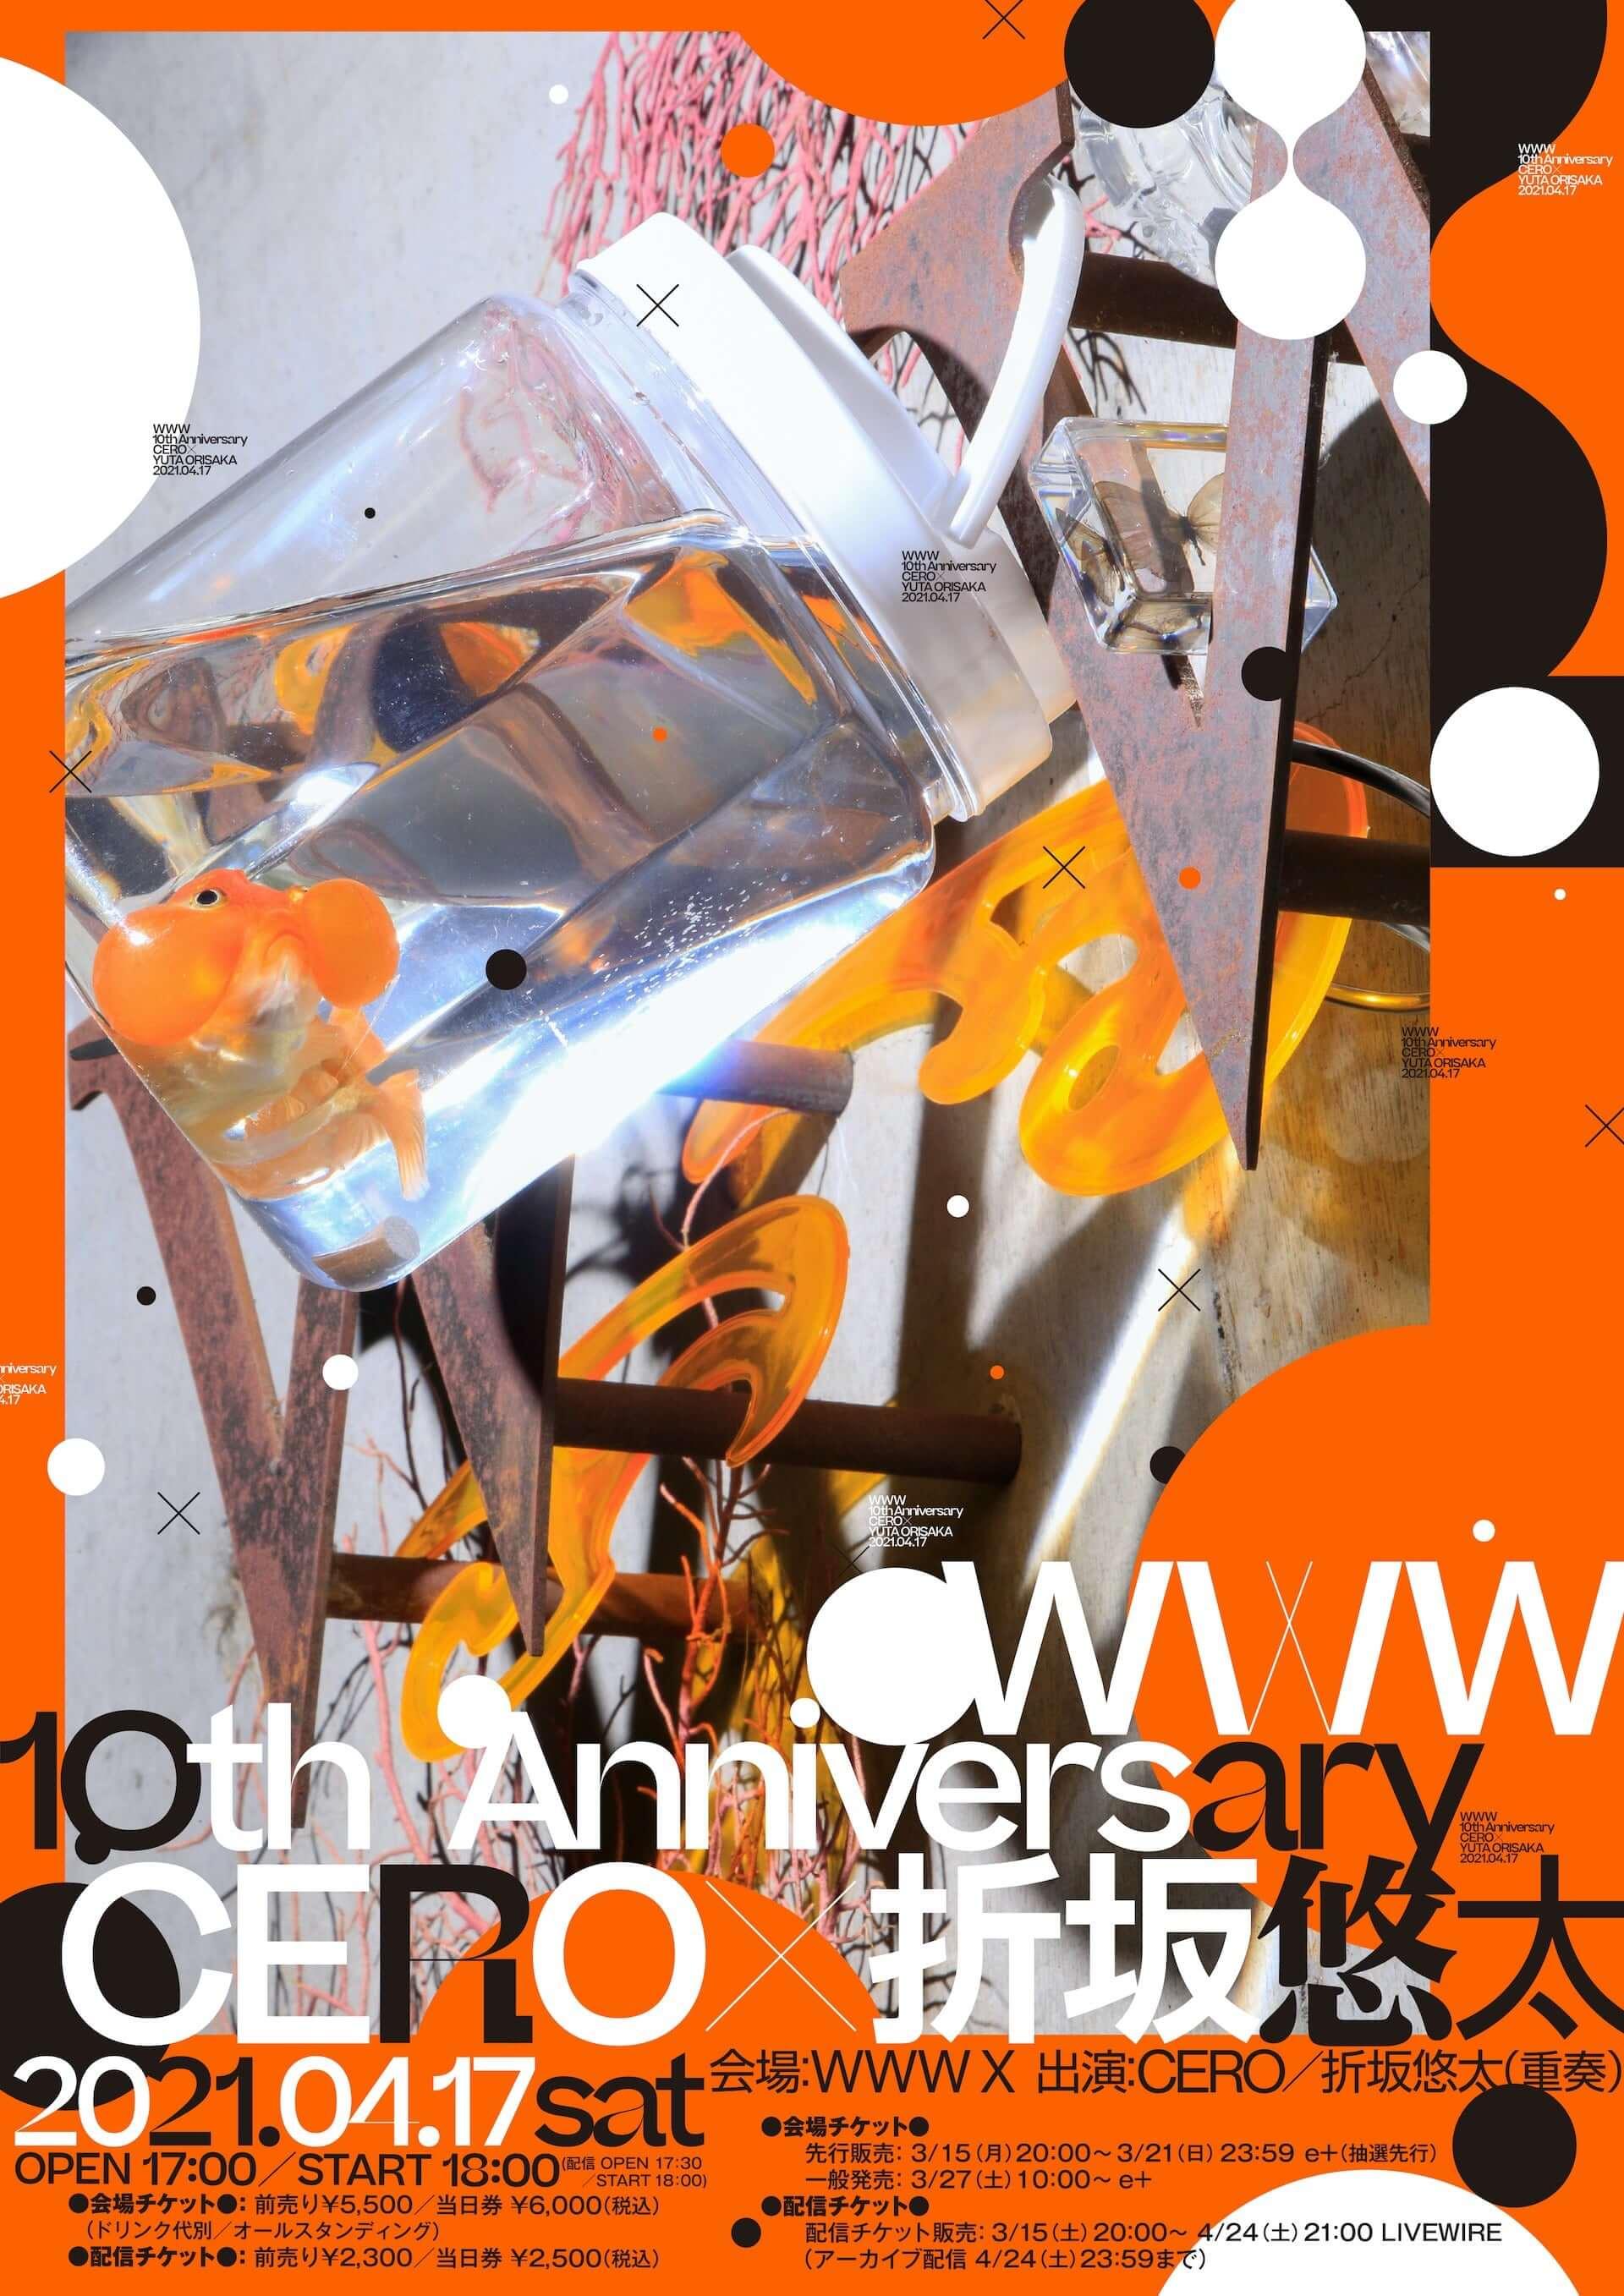 ceroと折坂悠太(重奏)による初のツーマンライブが渋谷WWW10周年企画で実現!LIVEWIREでも生配信 music210315_www10th_3-1920x2715